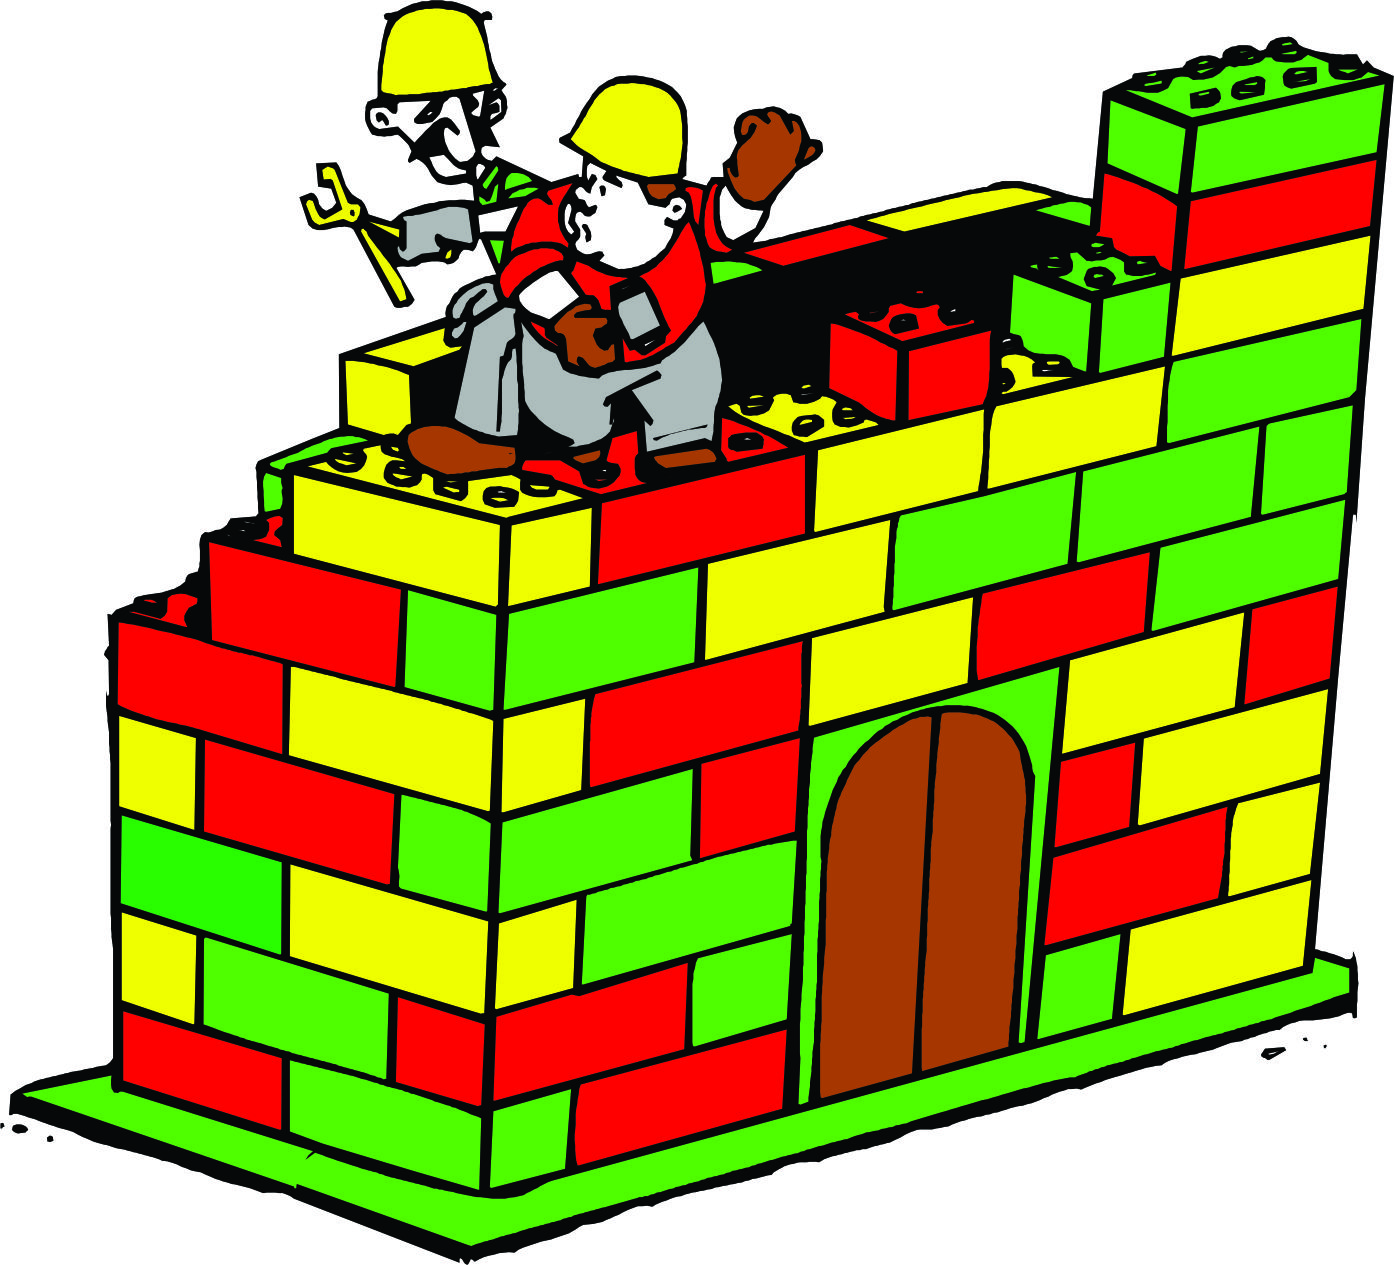 Lego cartoon clipart